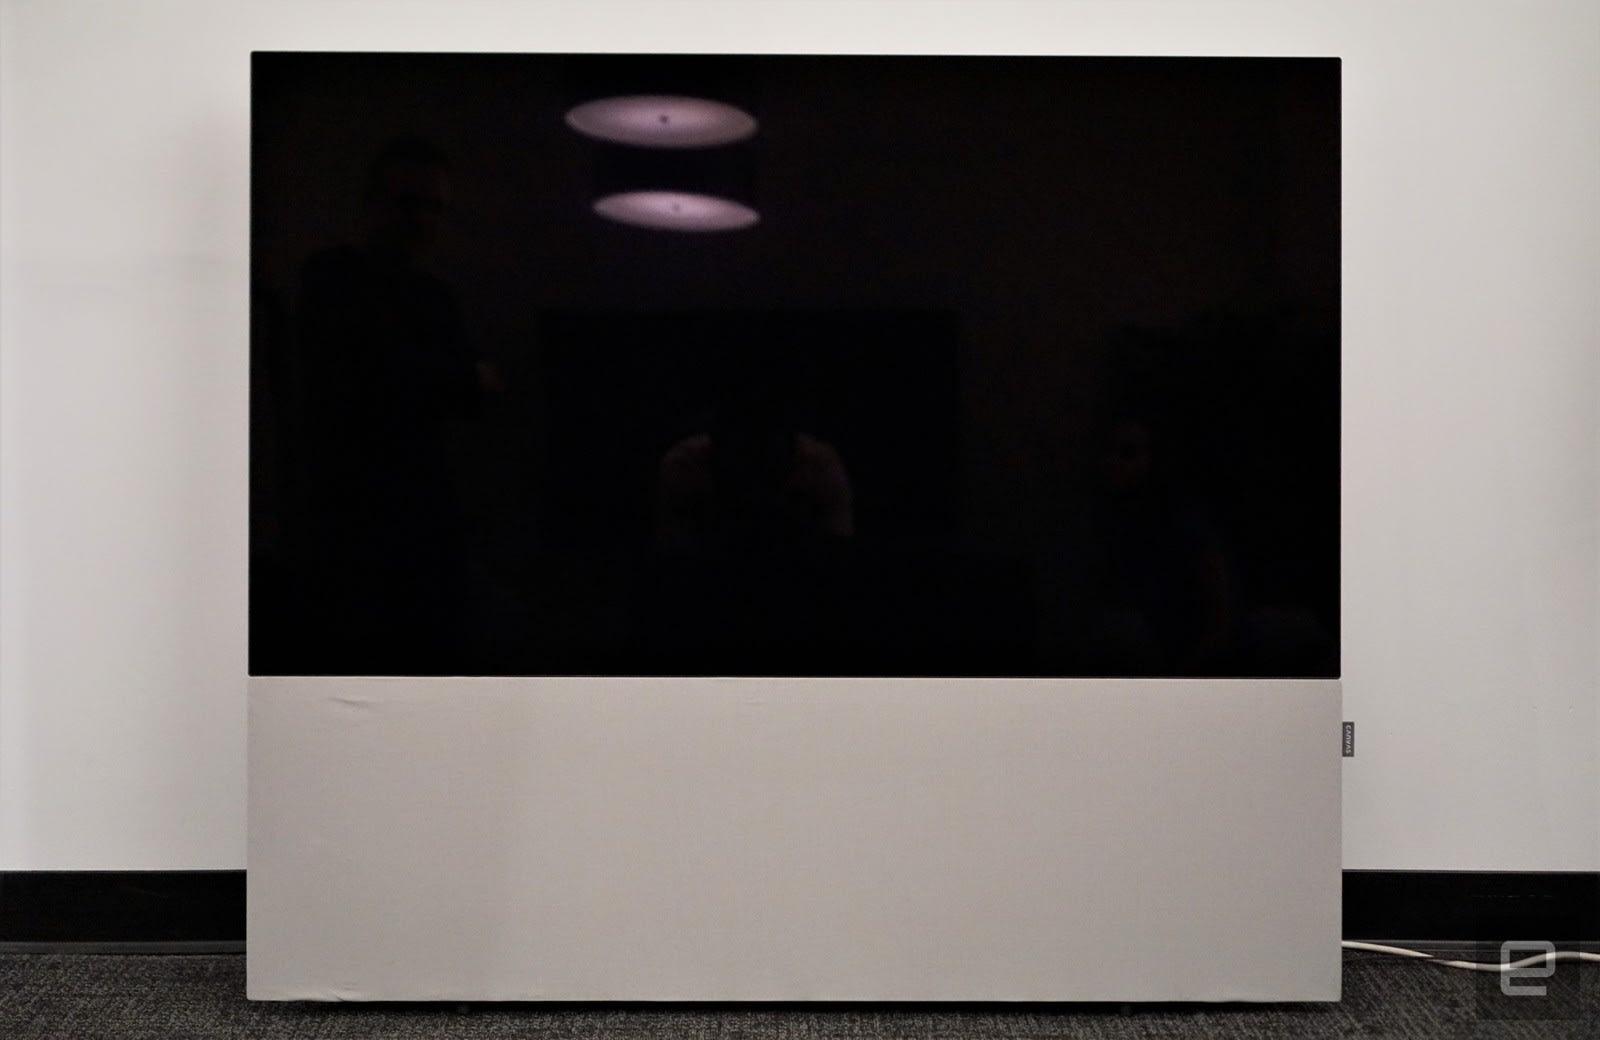 Canvas OLED speaker